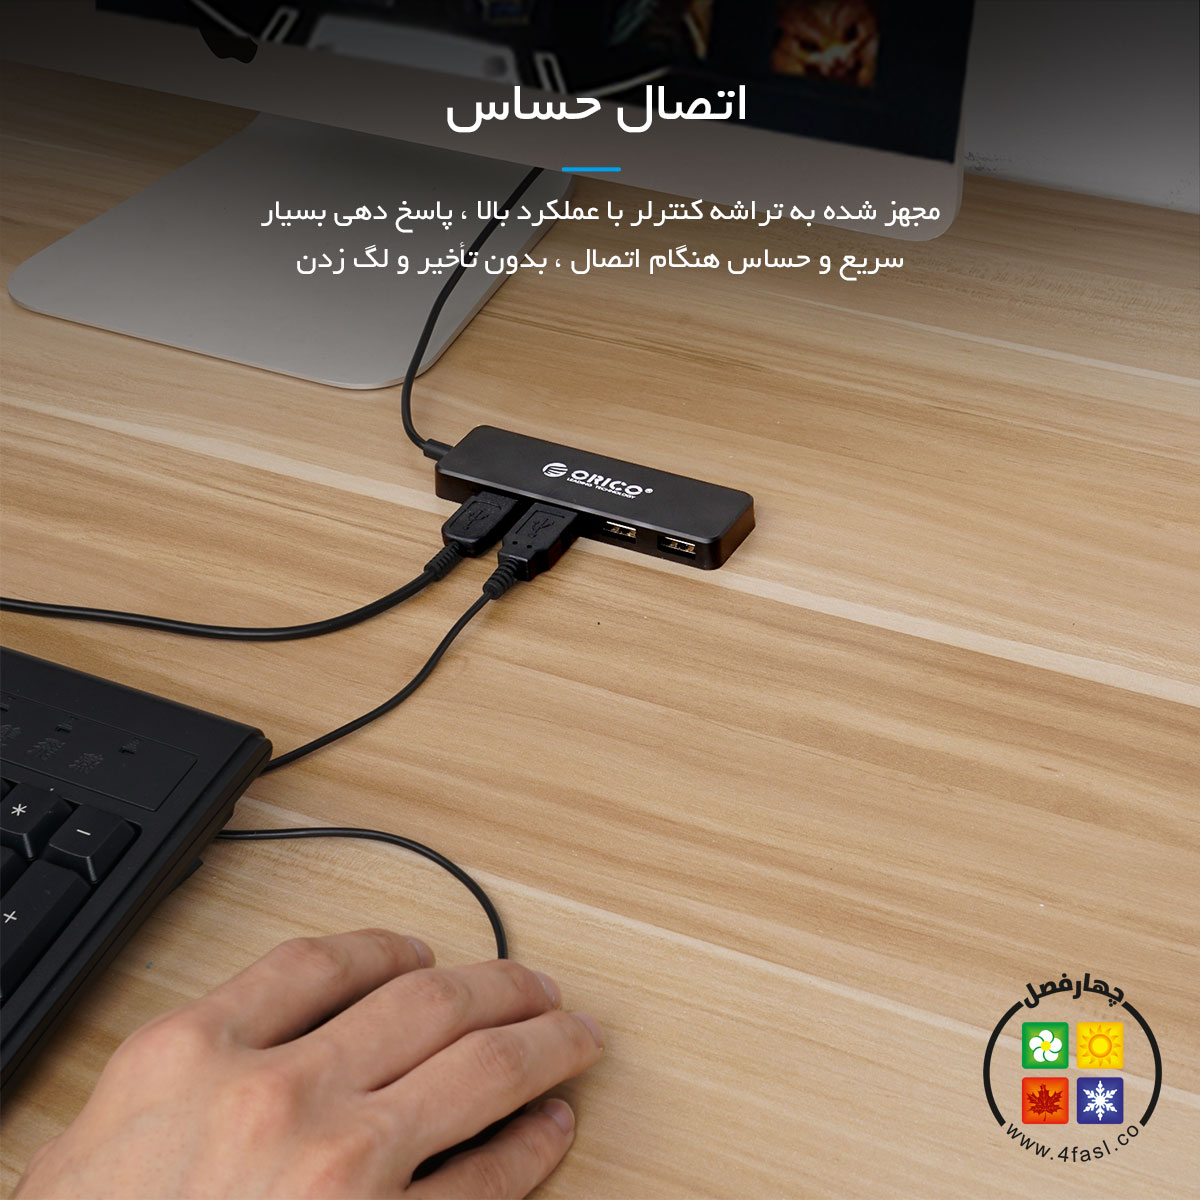 هاب 4 پورت USB2.0